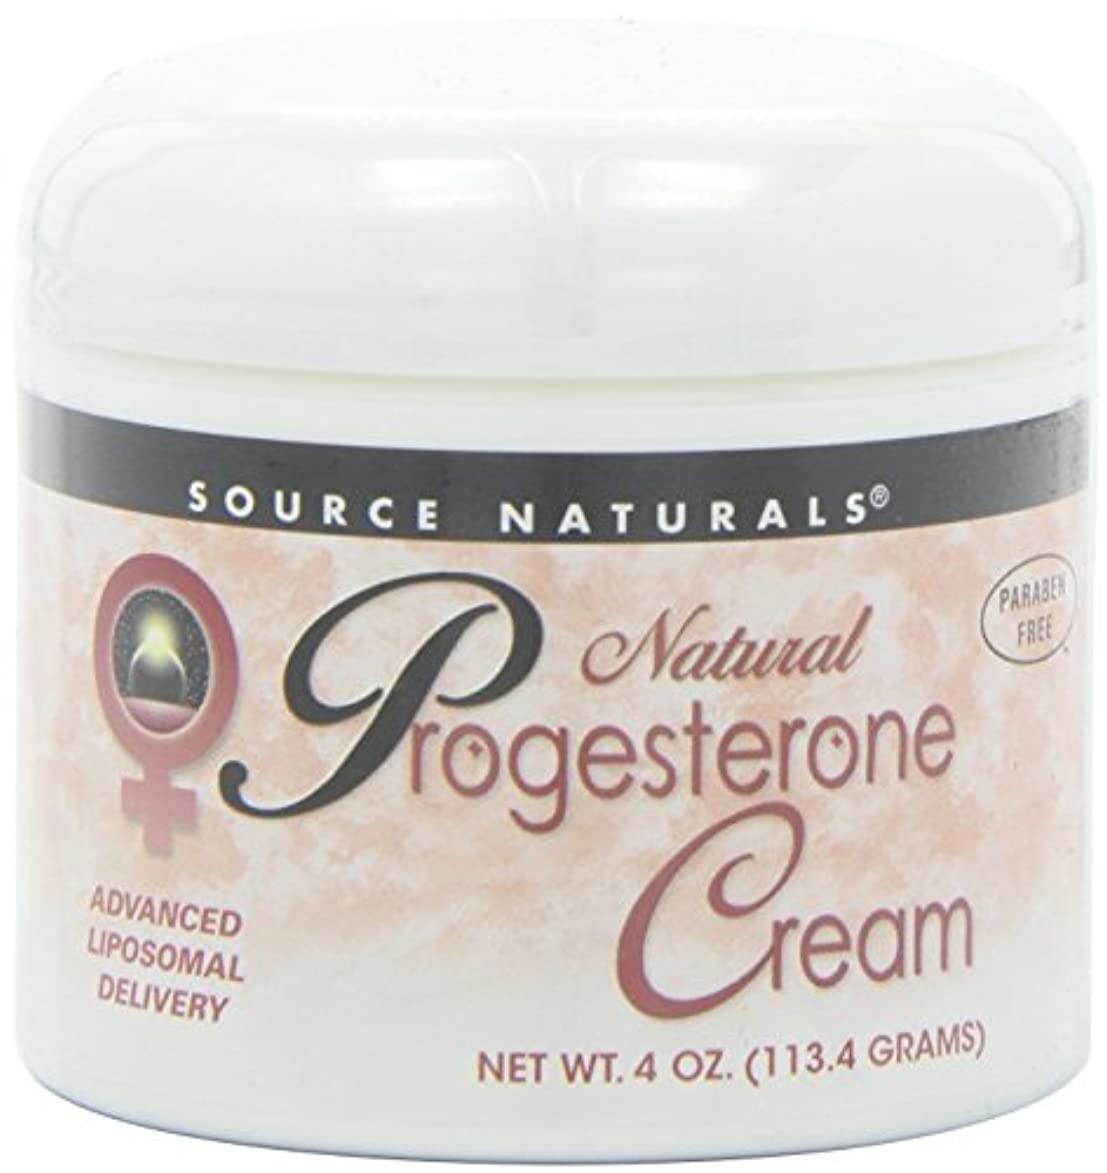 銀河入射オーストラリアSource Naturals Natural Progesterone Cream, 4 Ounce (113.4 g) クリーム 並行輸入品 [並行輸入品]